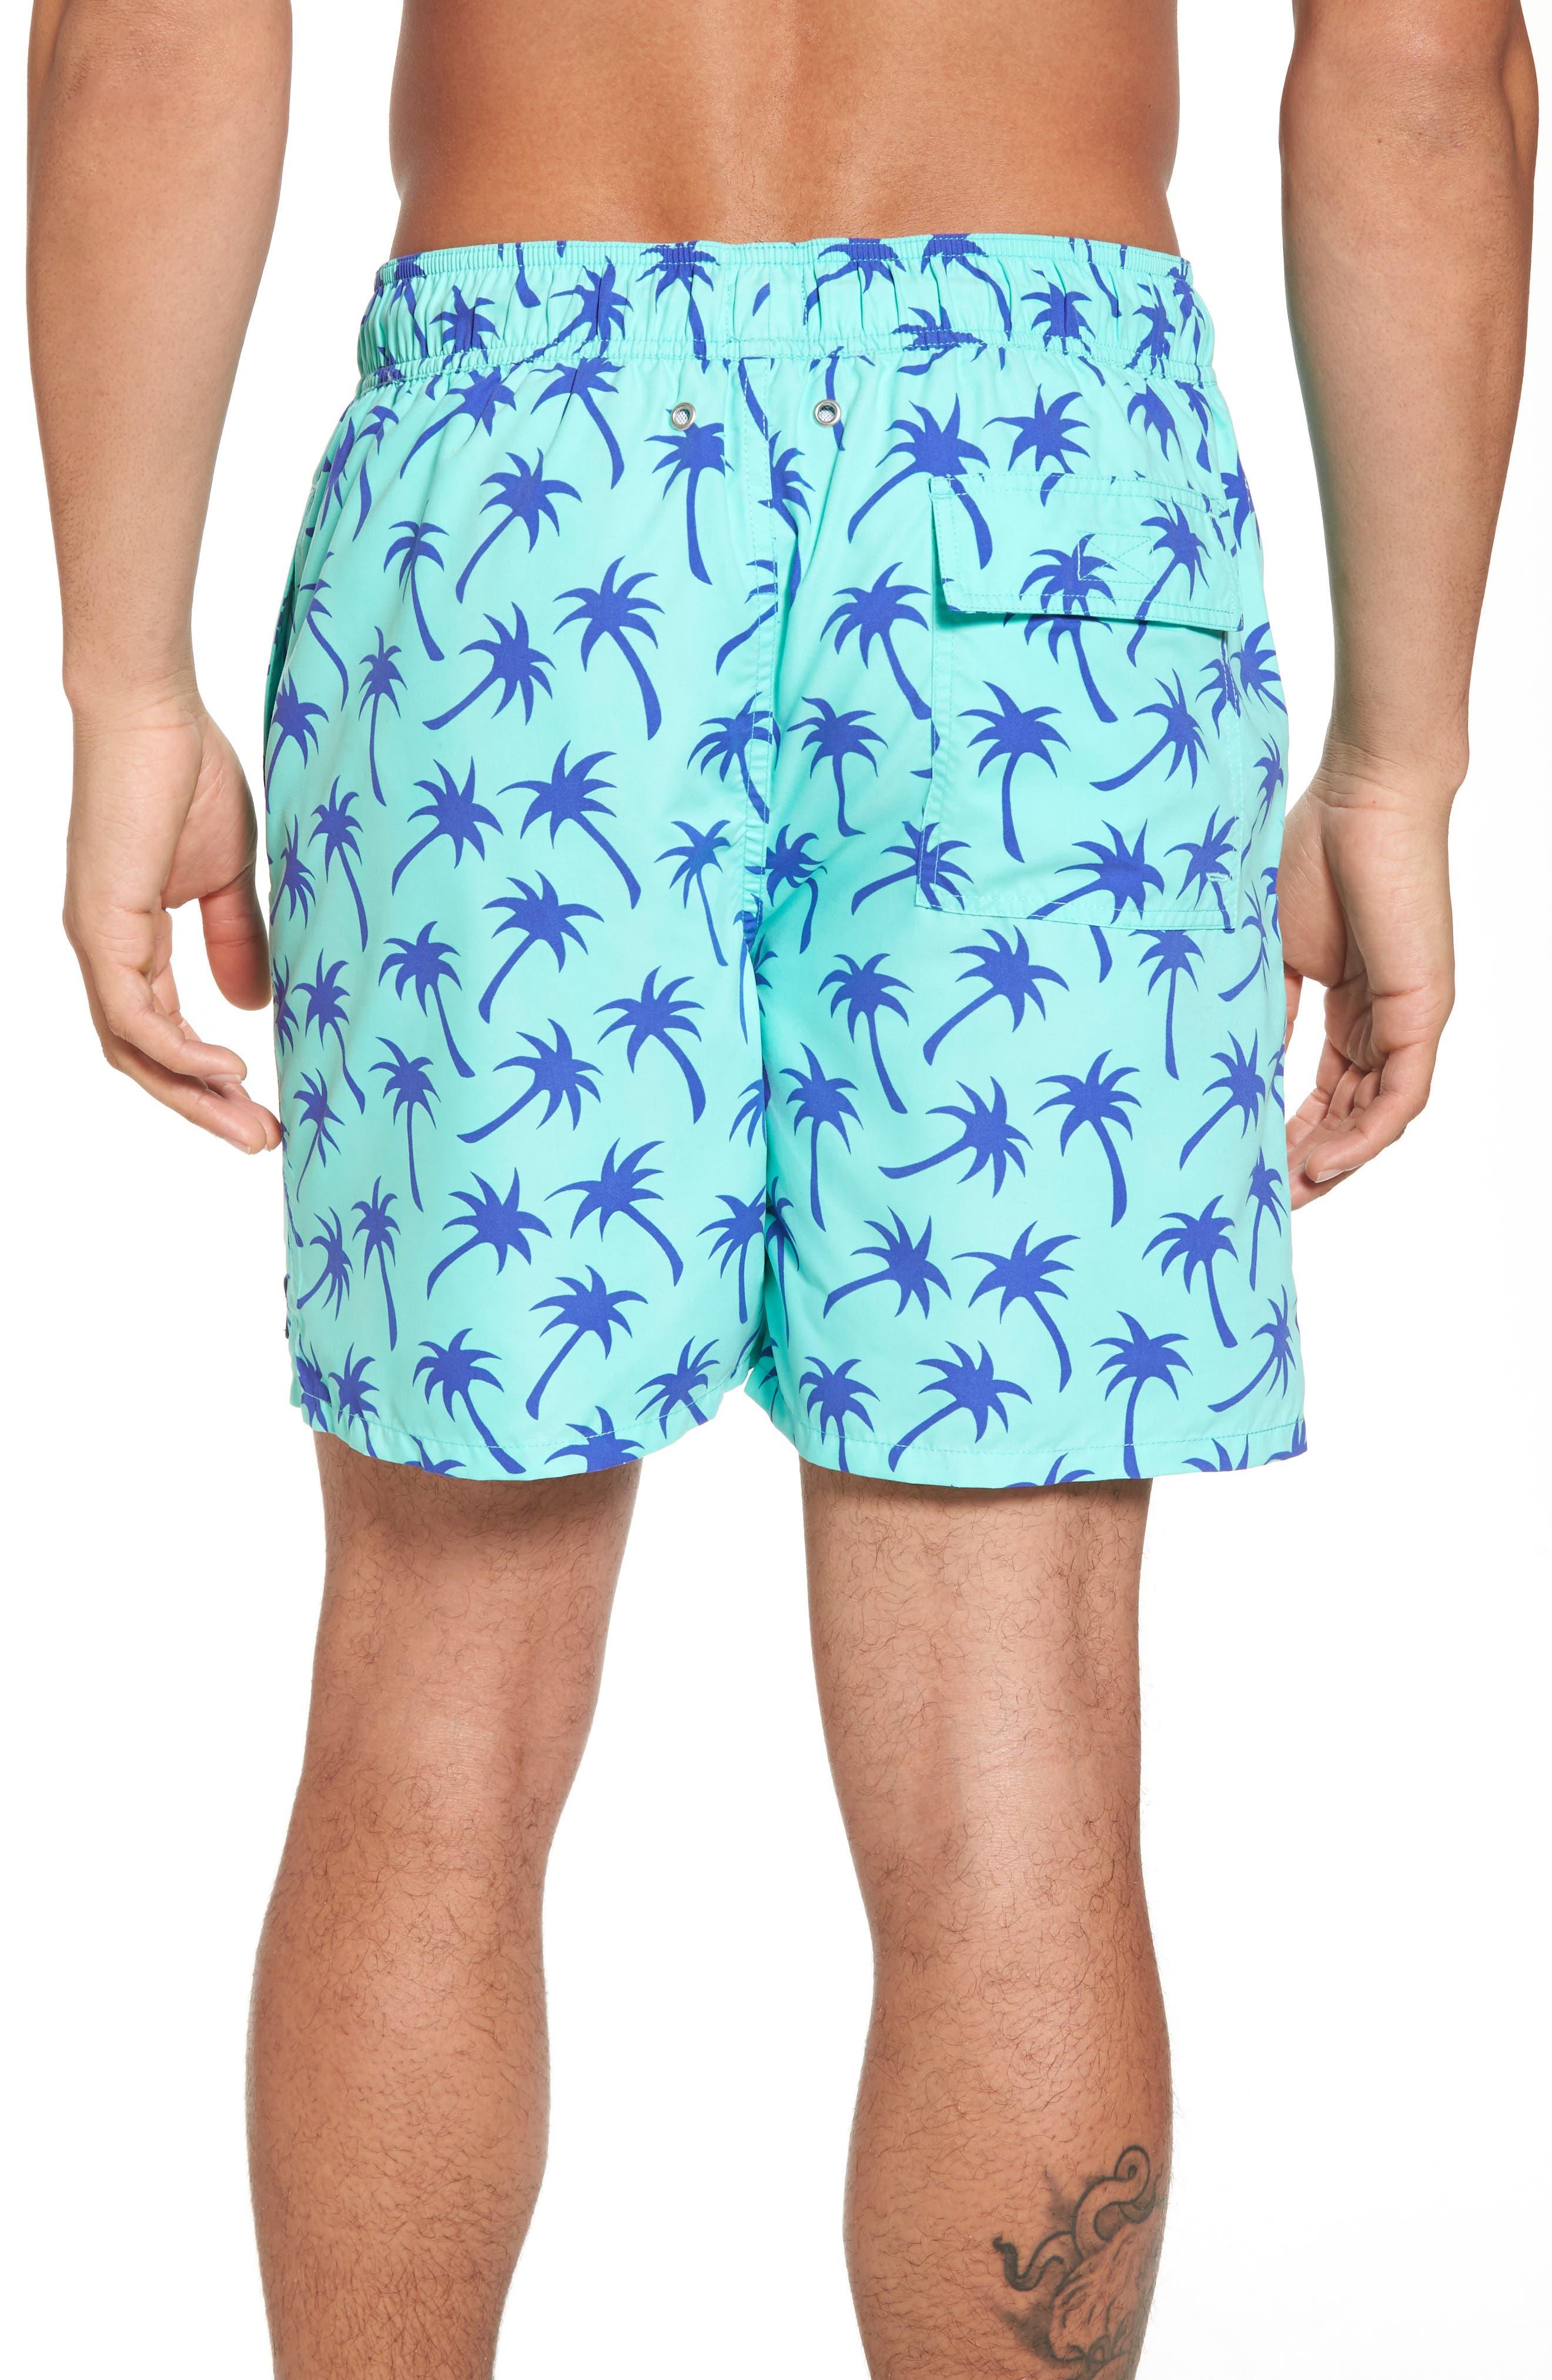 Palm Tree Print Swim Trunks,                             Alternate thumbnail 2, color,                             Emerald/ Blue